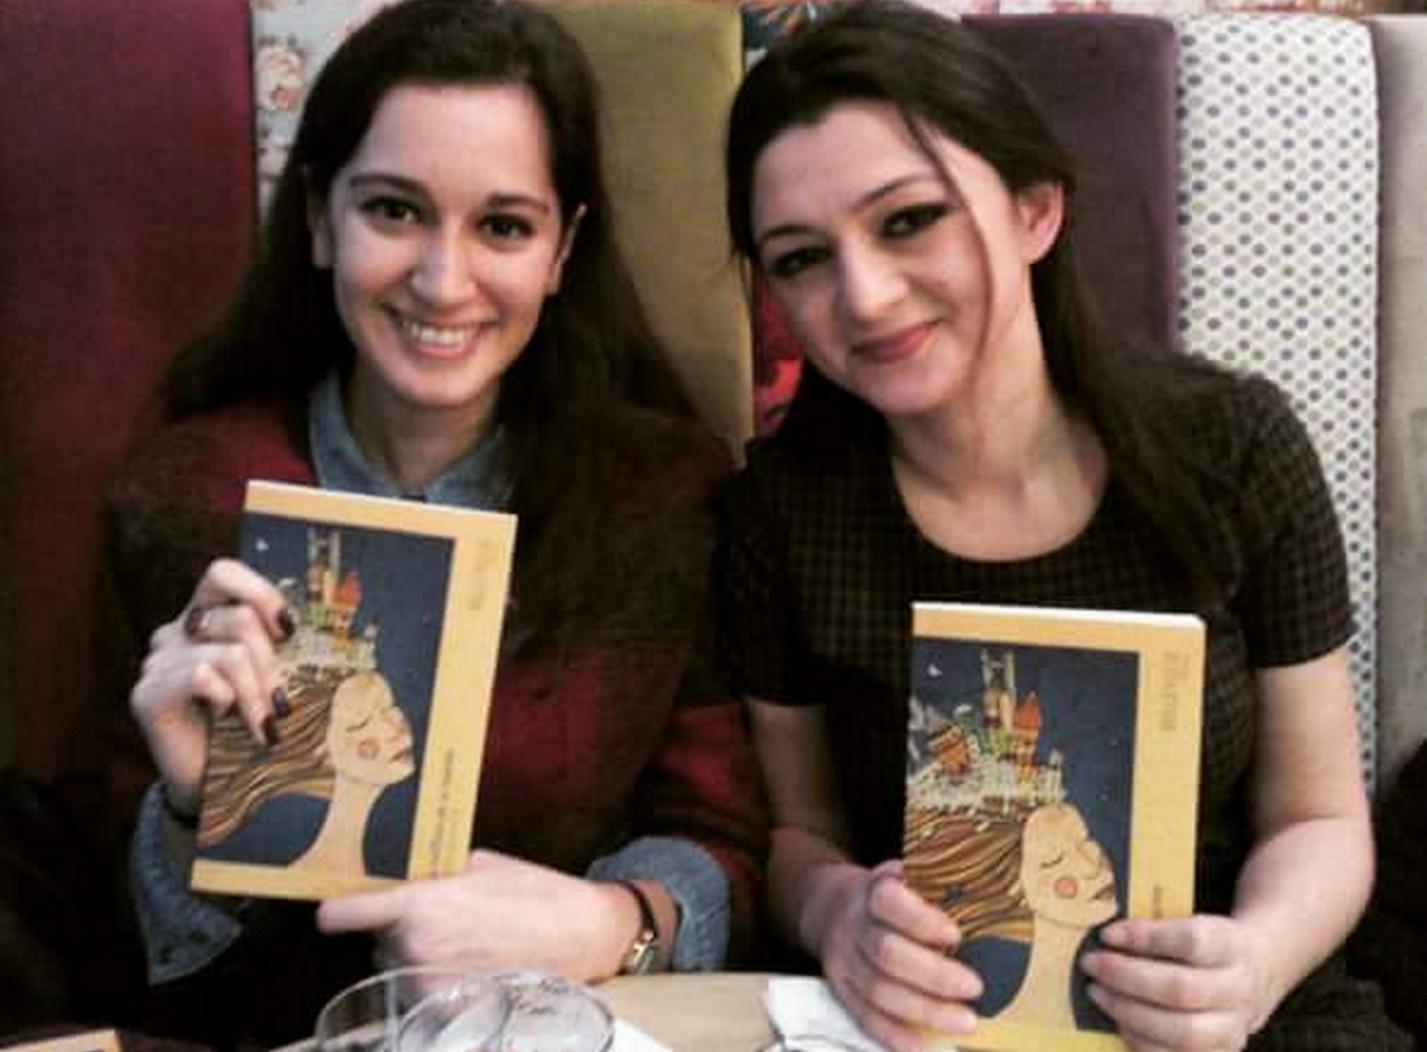 Seray, l'auteure (à droite) et Duru, l'illustratrice de la couverture. ©DR